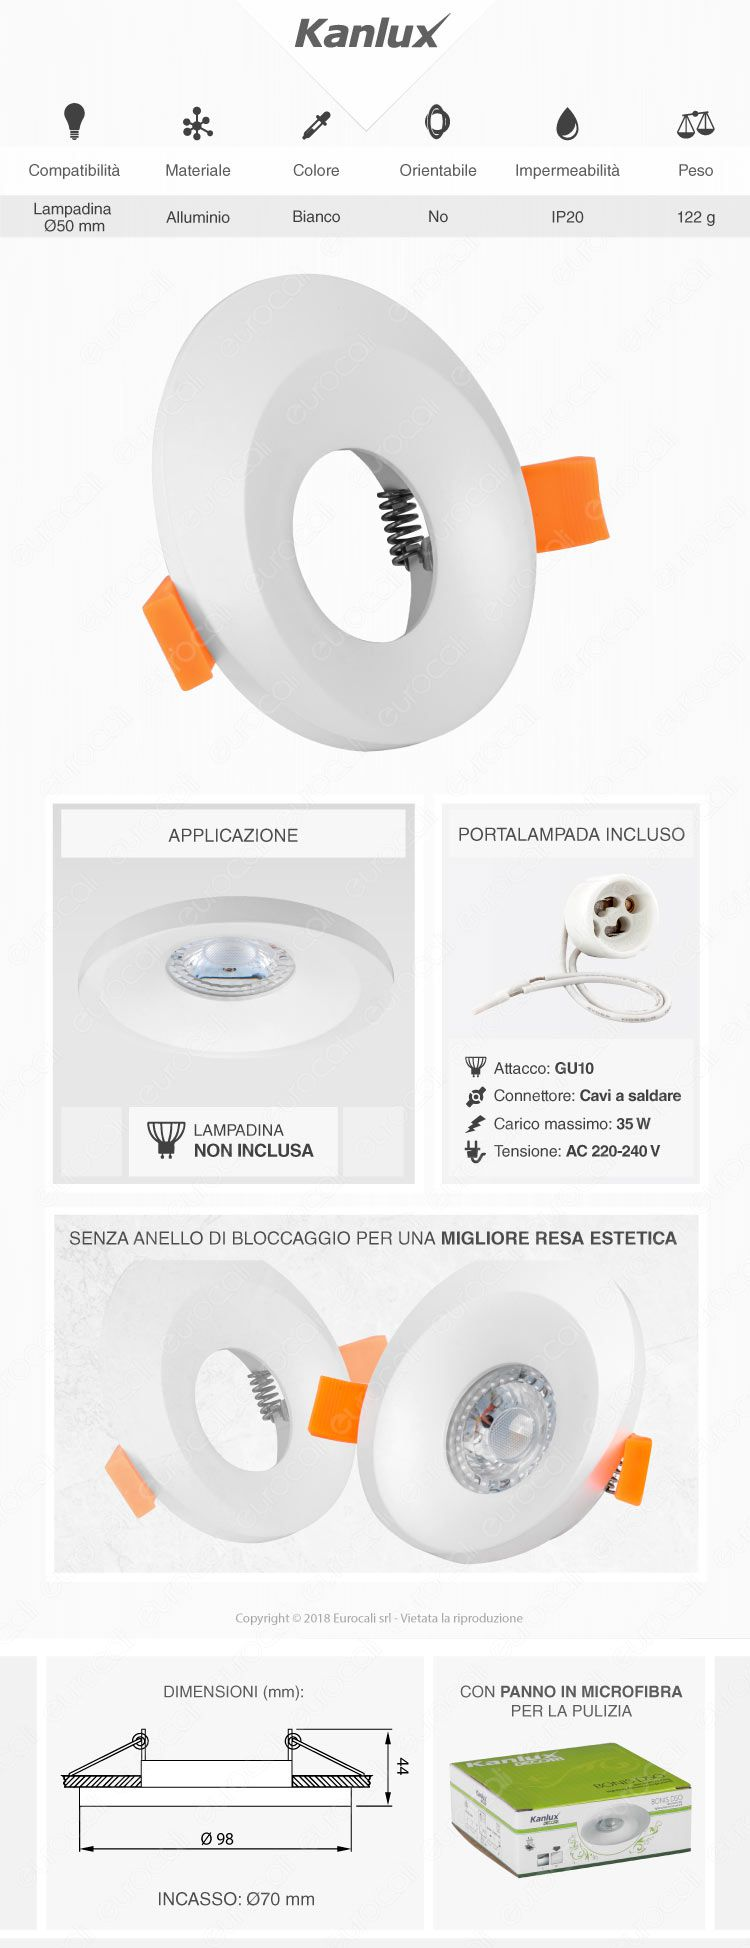 Kanlux BONIS DSO Portafaretto Rotondo da Incasso Colore Bianco per Lampadine GU10 e GU5.3